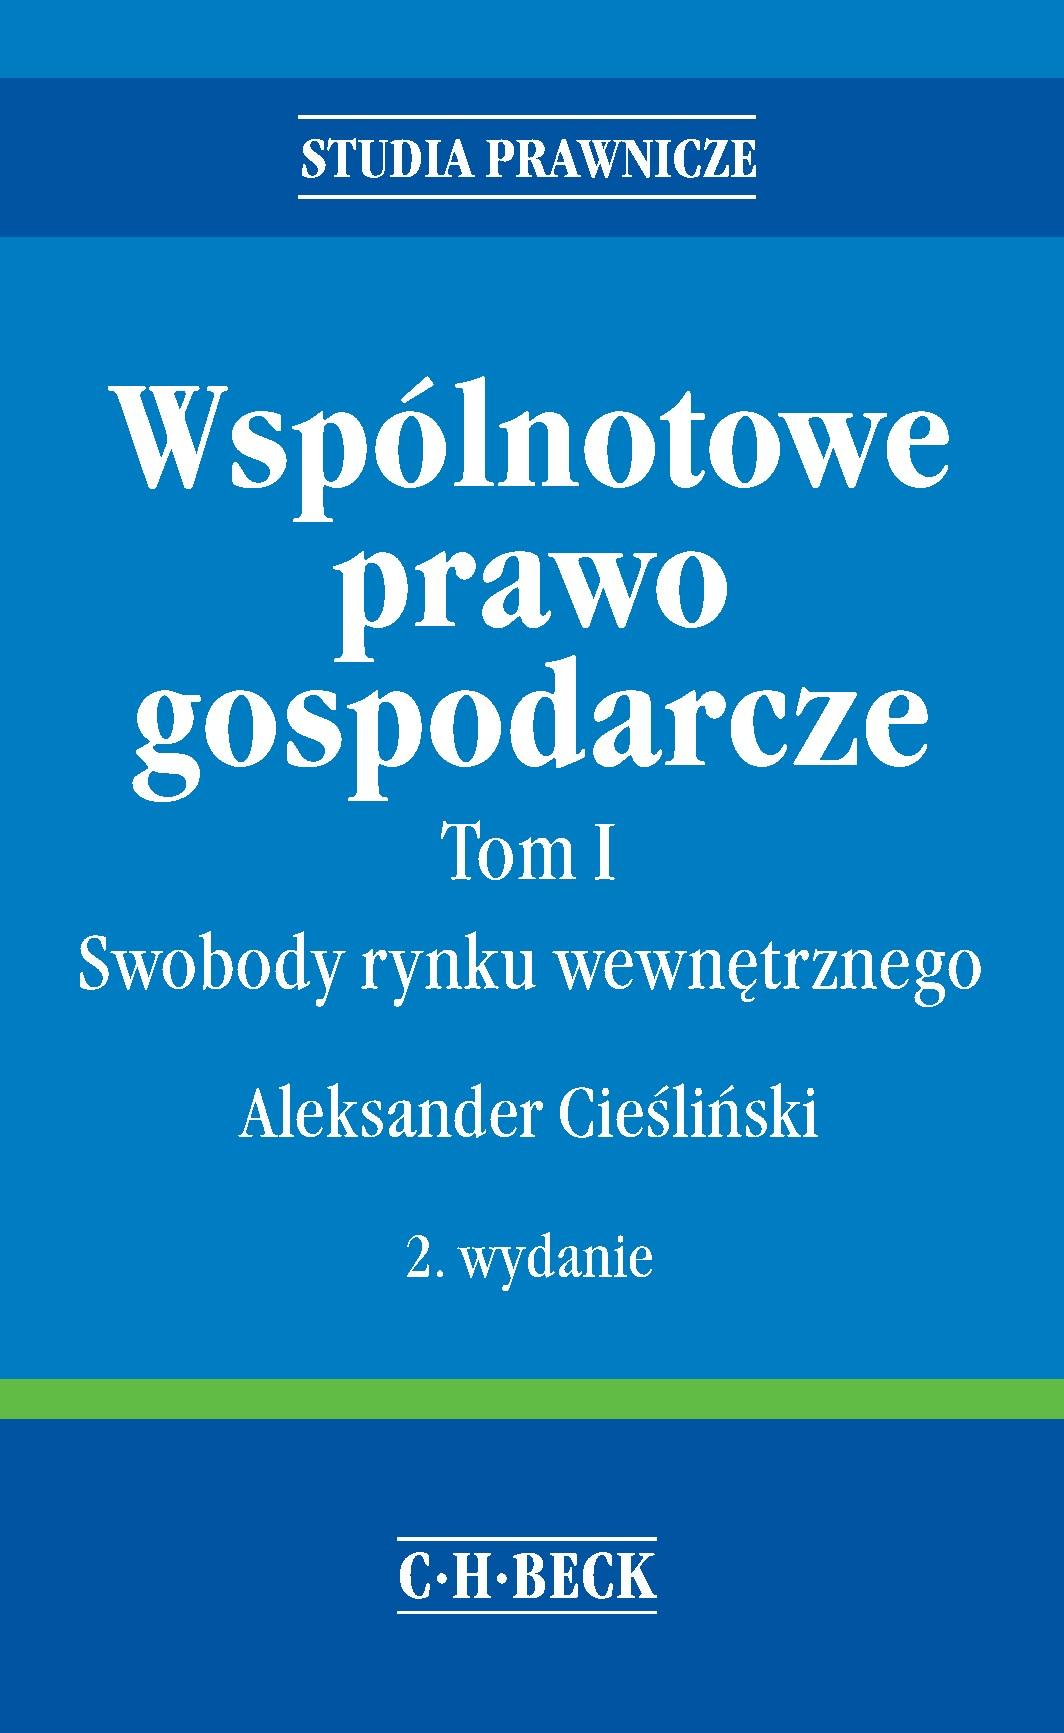 Wspólnotowe prawo gospodarcze. Tom I Swobody rynku wewnętrznego - Ebook (Książka PDF) do pobrania w formacie PDF